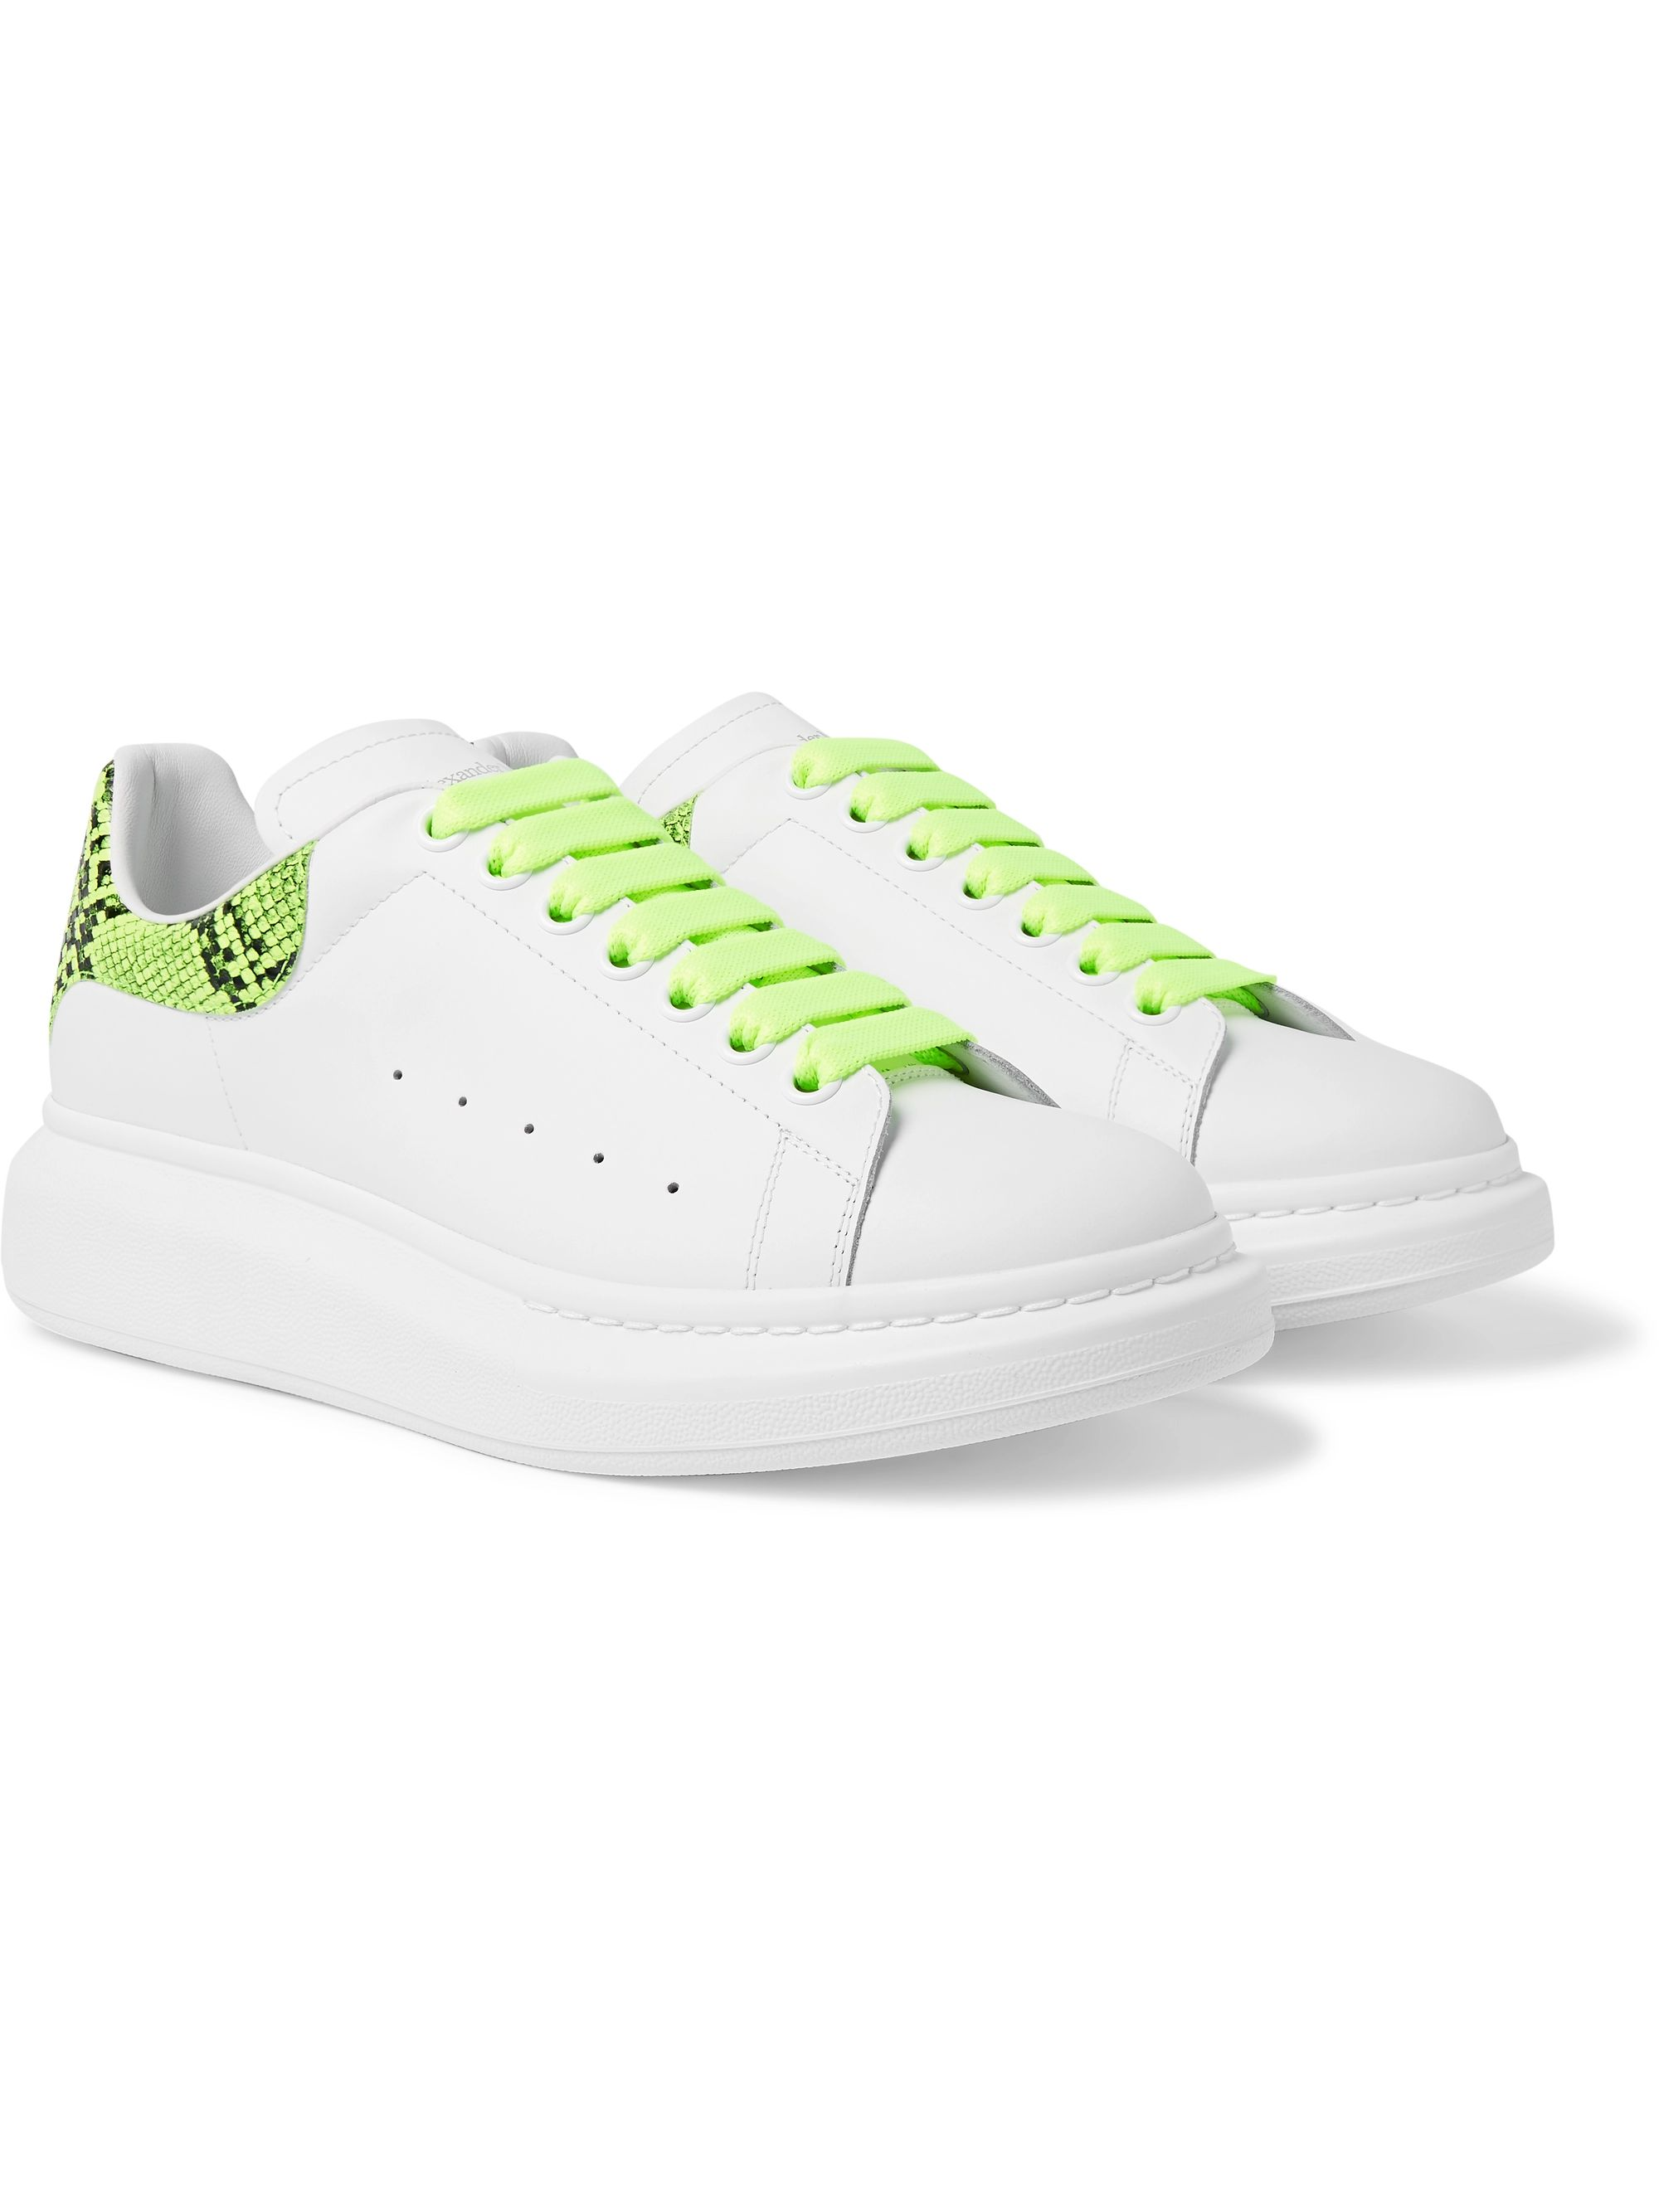 알렉산더 맥퀸 Alexander McQueen Exaggerated-Sole Neon Snake-Effect Leather Sneakers,White